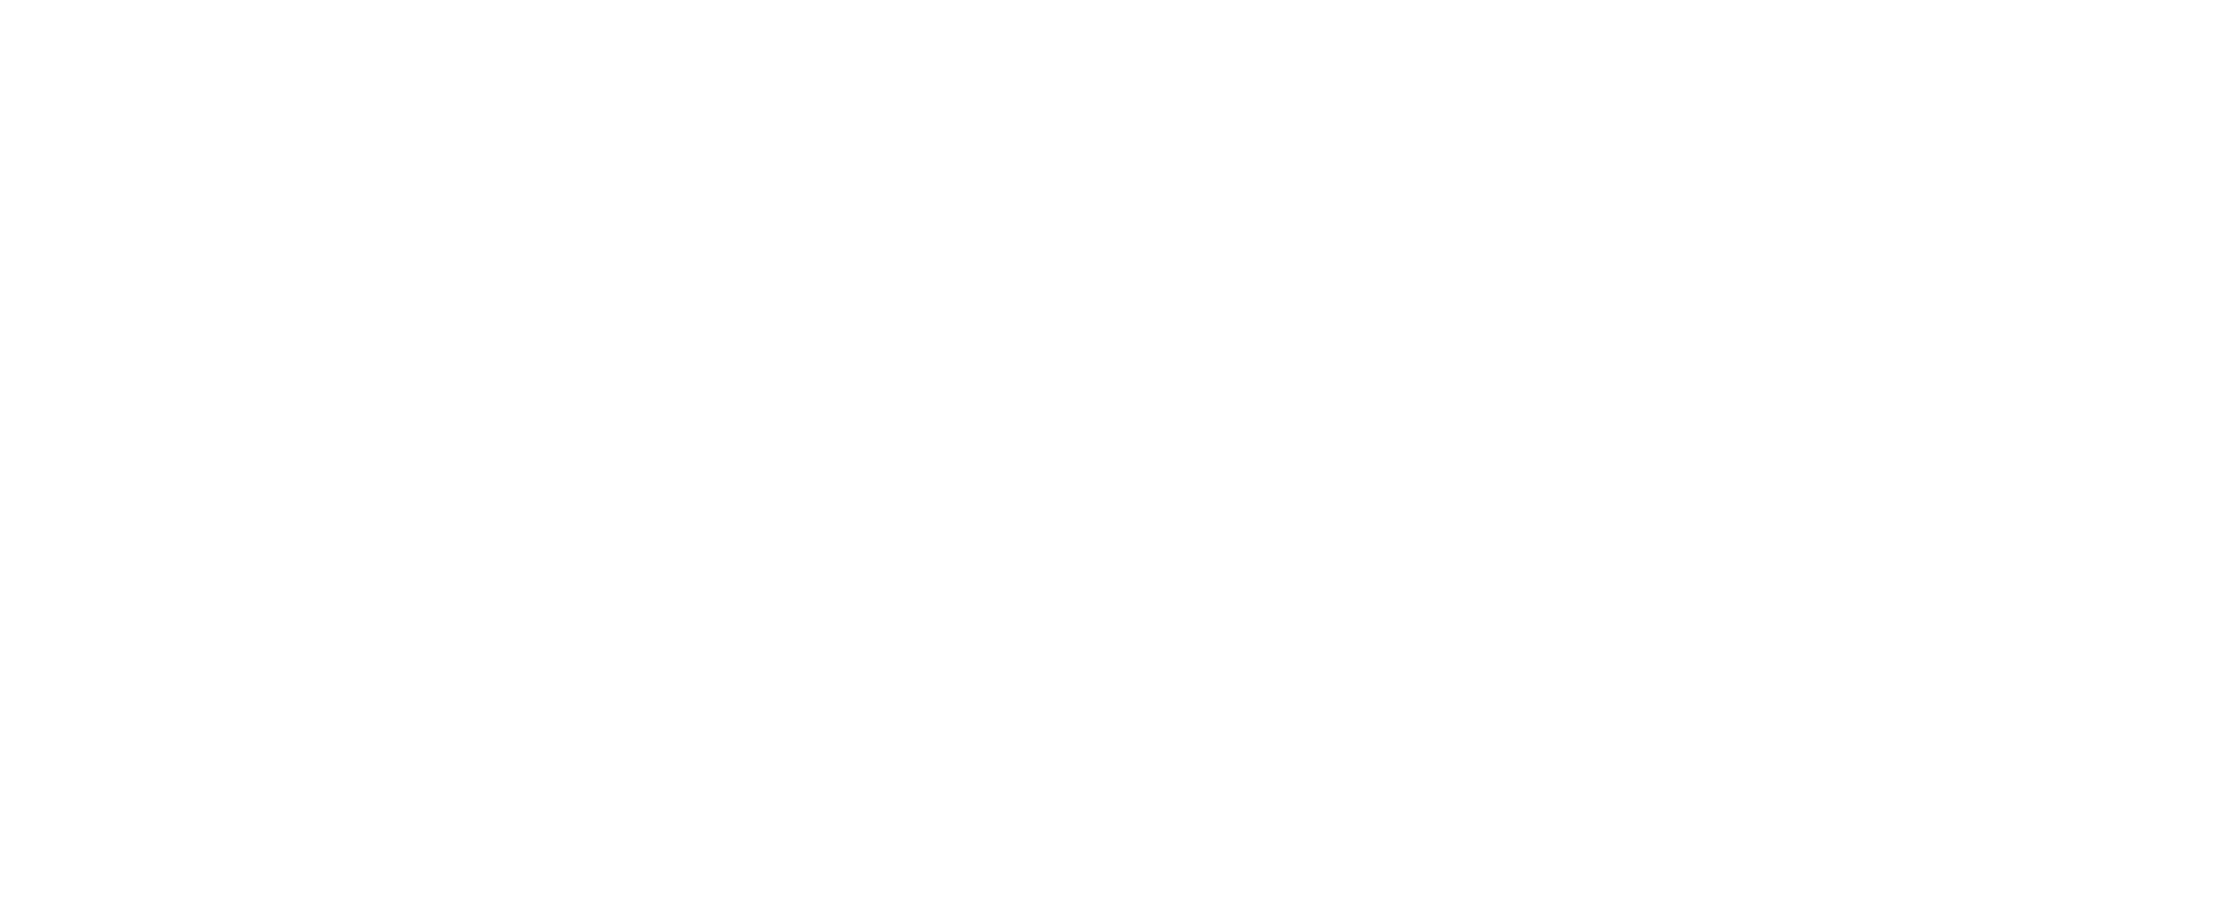 华纳音乐官网首页